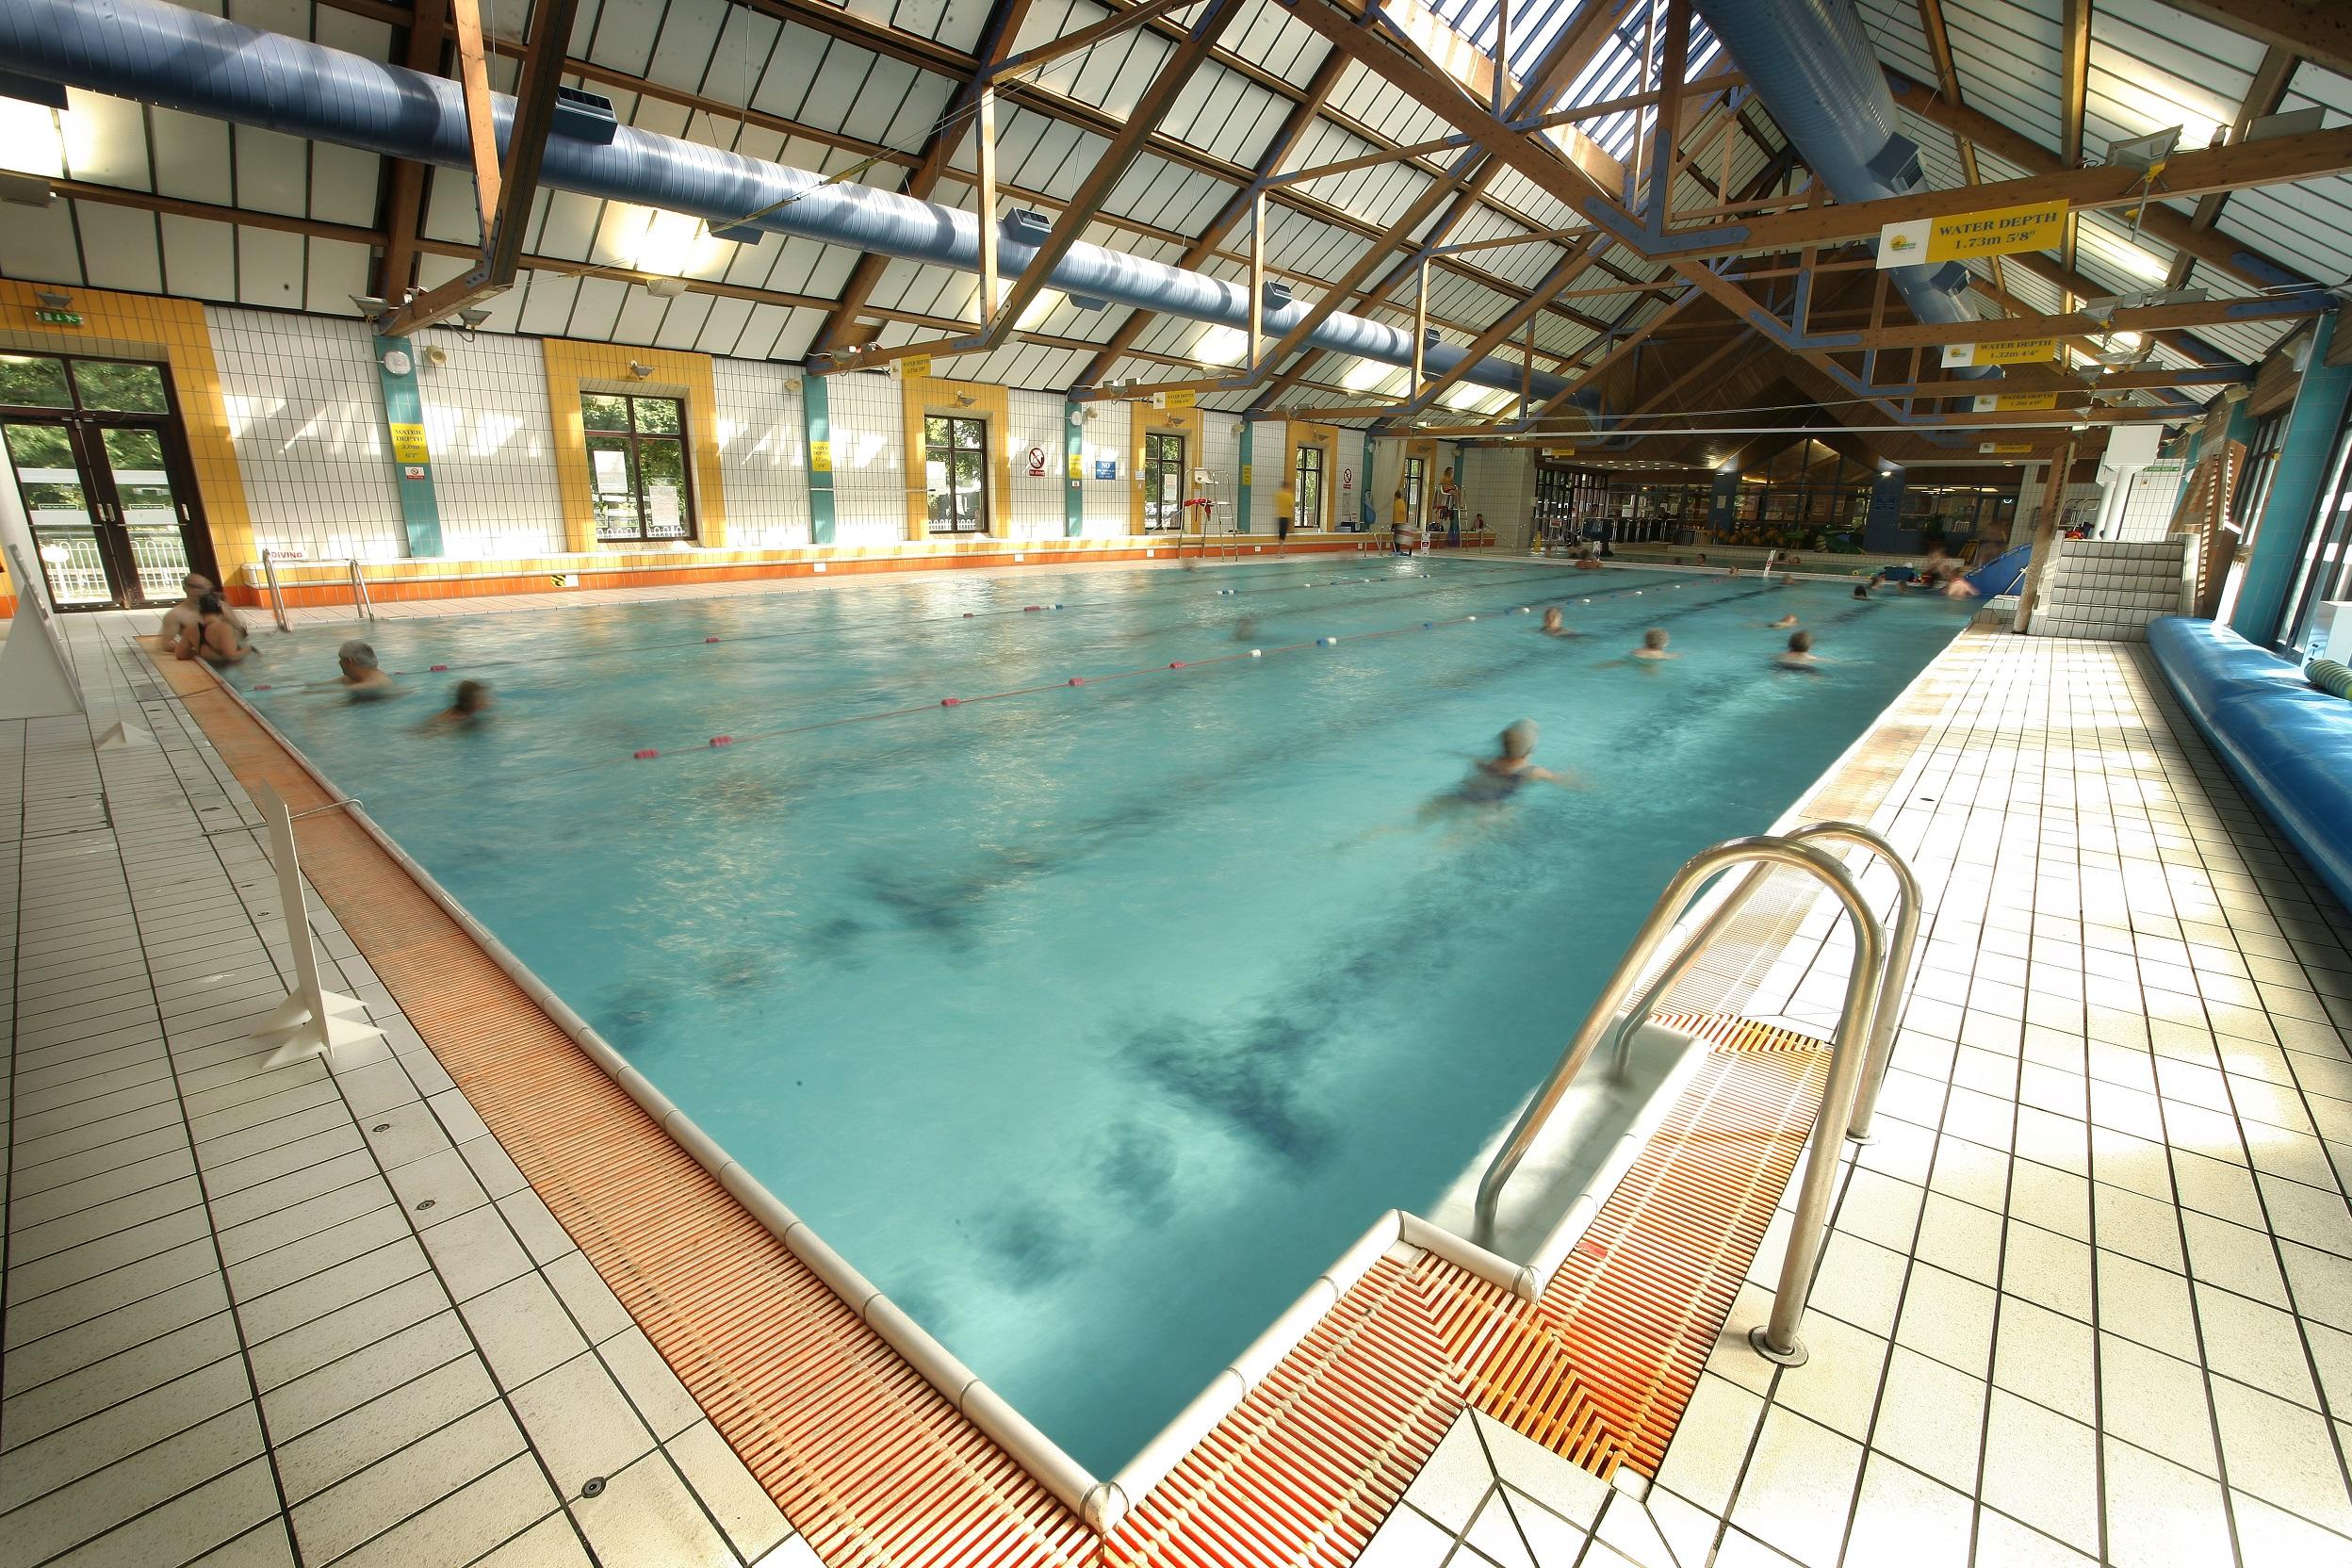 Elegant Swimming Pools to Buy Kent